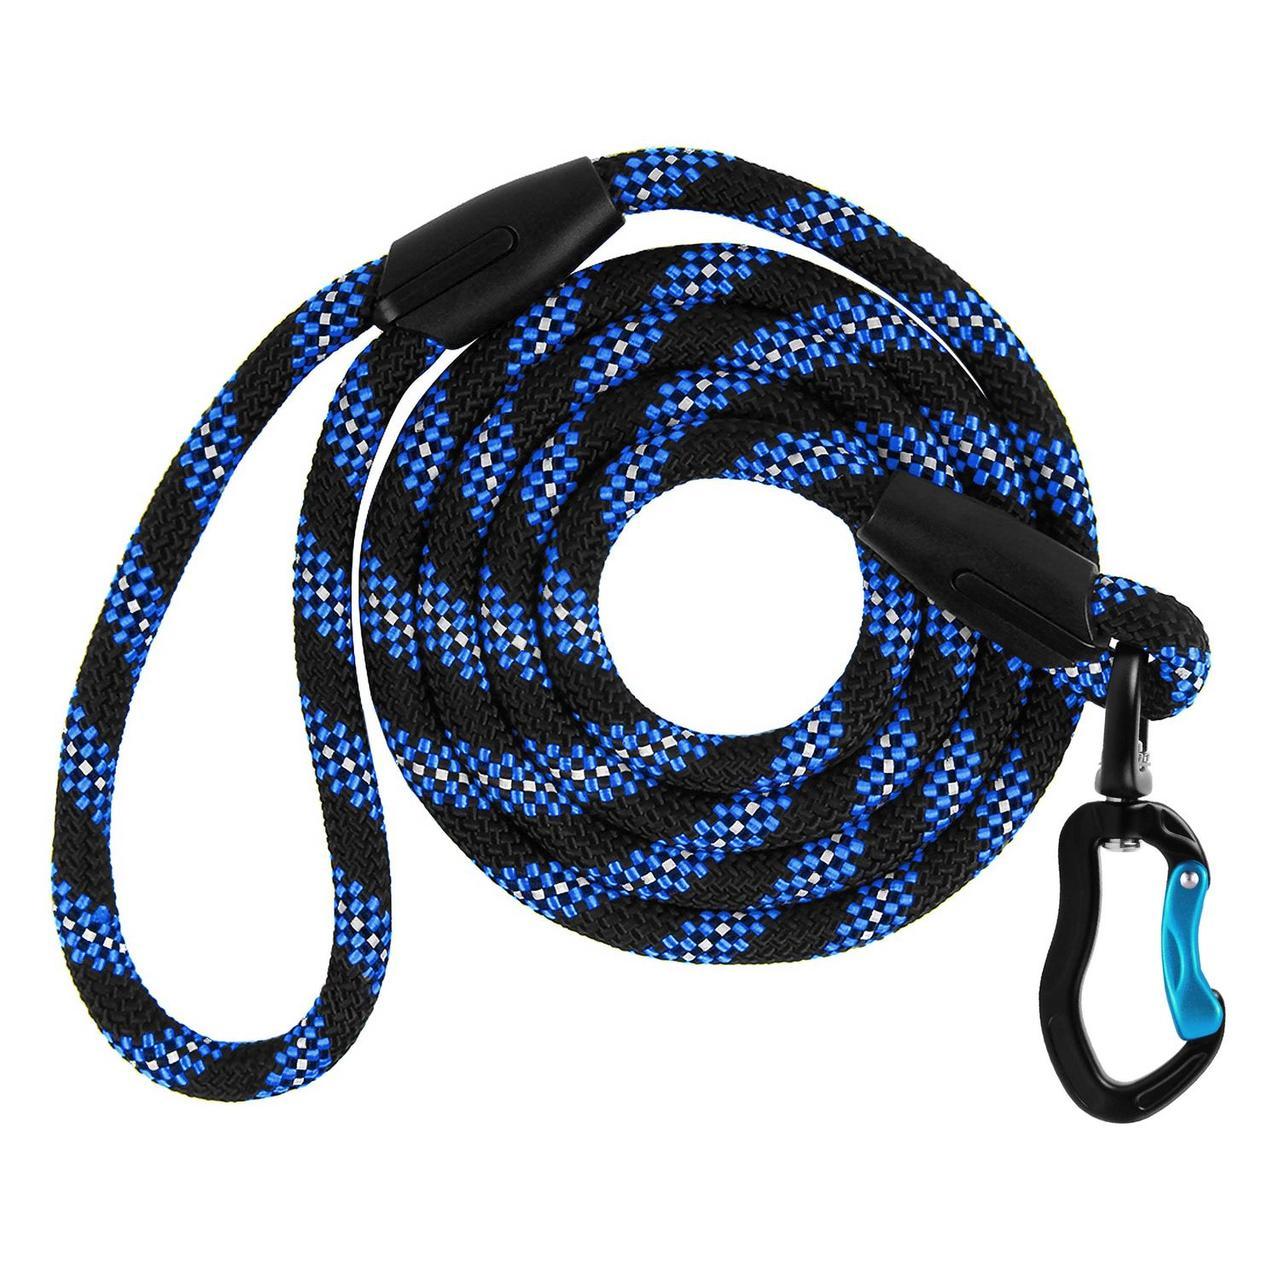 Поводок для Собак Bronzedog Active Сверхпрочный из Альпинистского Шнура Черно-Голубой L/XL